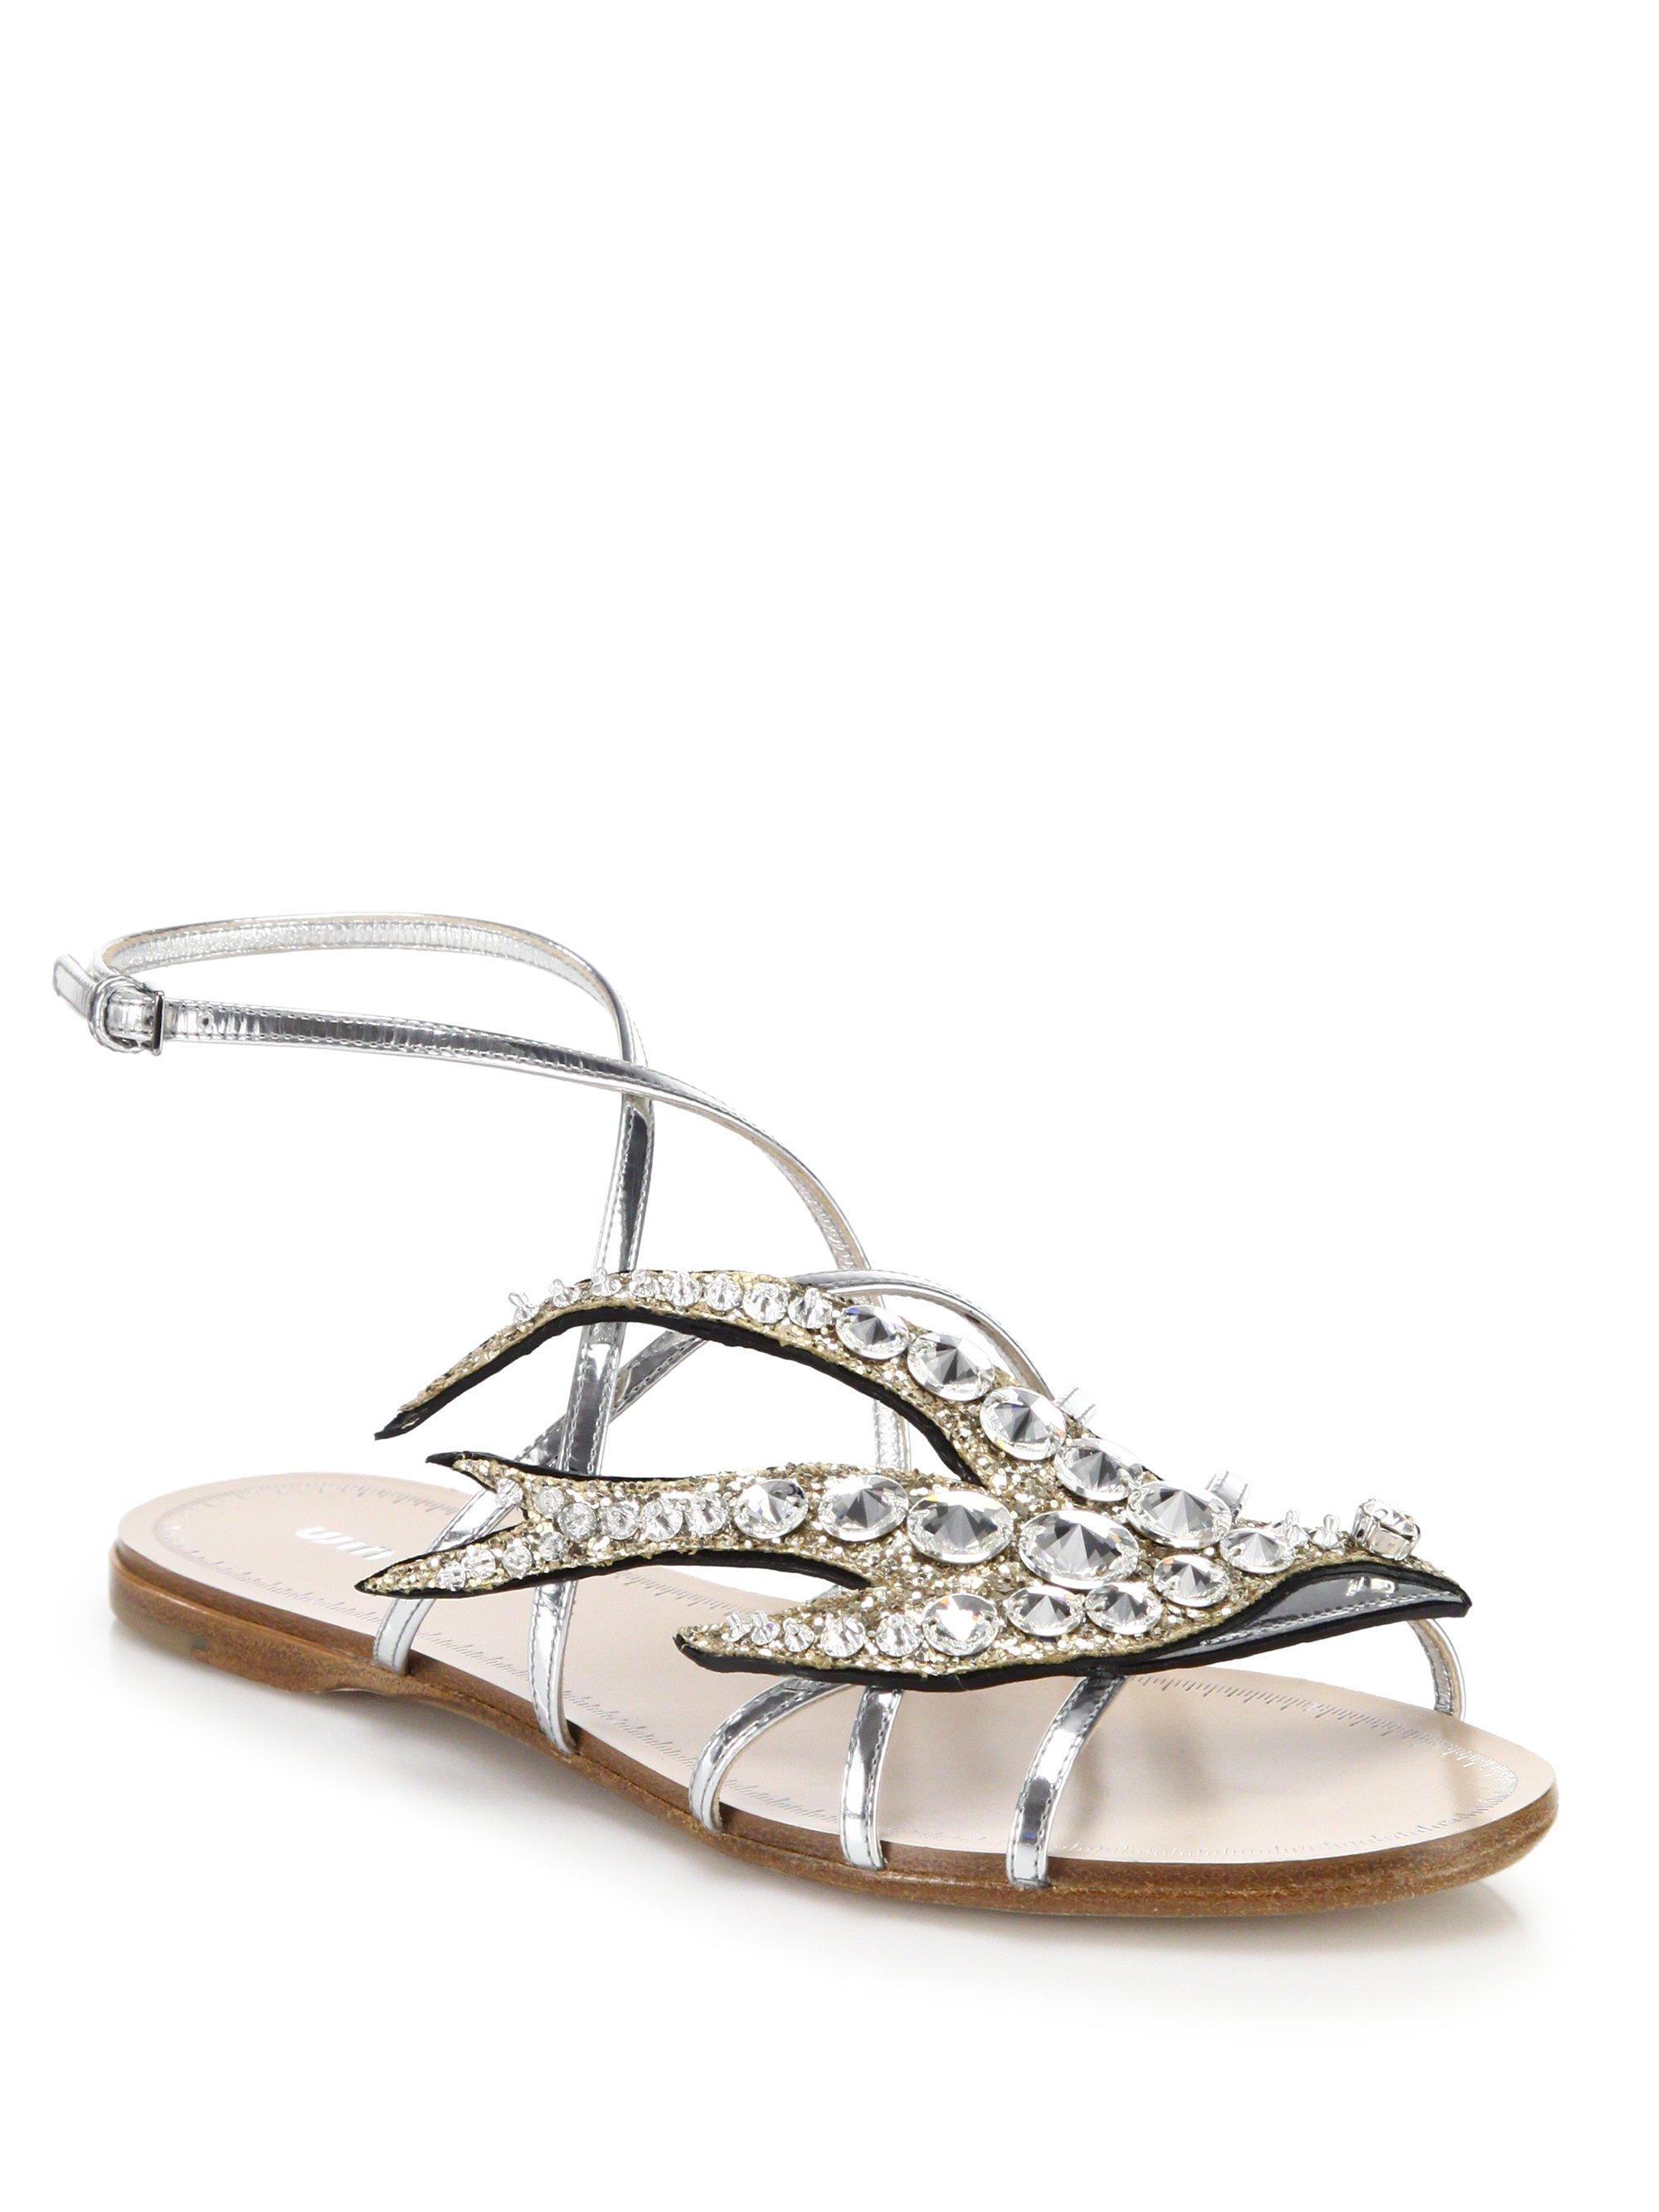 c7bd43d49 Lyst - Miu Miu Swallows Crystal Flat Sandals in Metallic